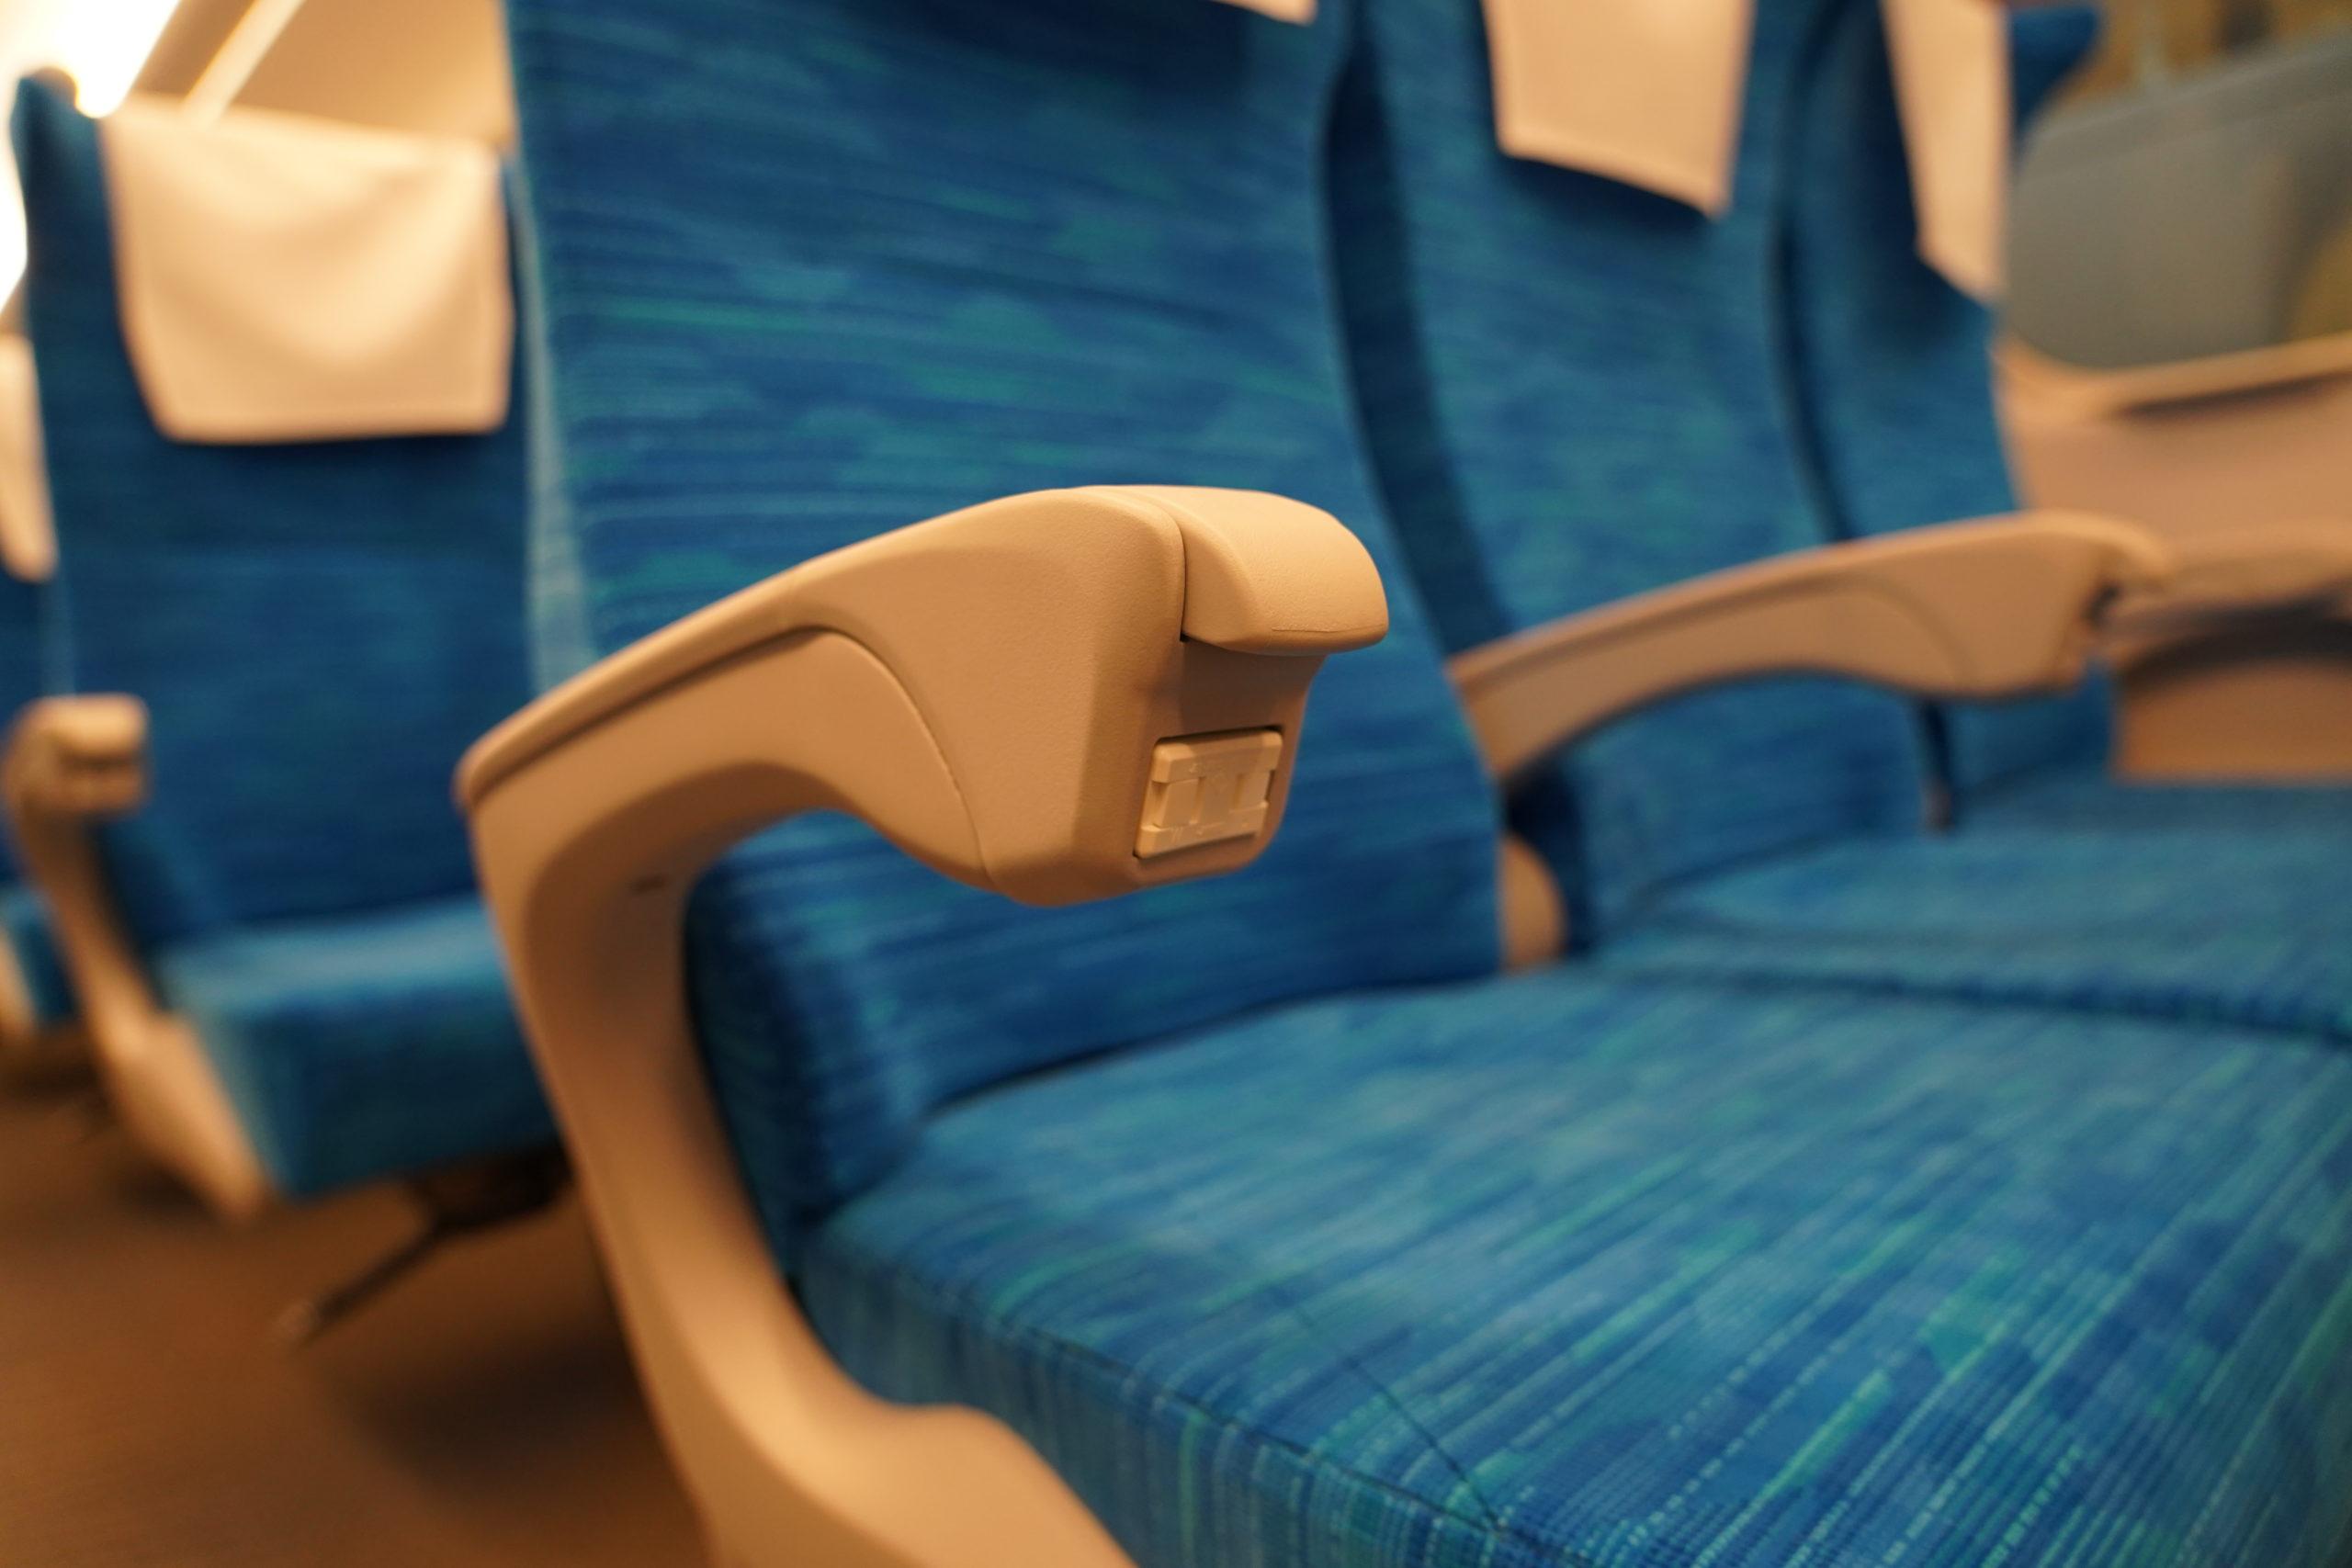 【車両トラブルか】N700Sがデビュー2日目で運用変更 狙ってた乗客からは不満の声が 設備を理由に払戻できるのか規則に則って解説